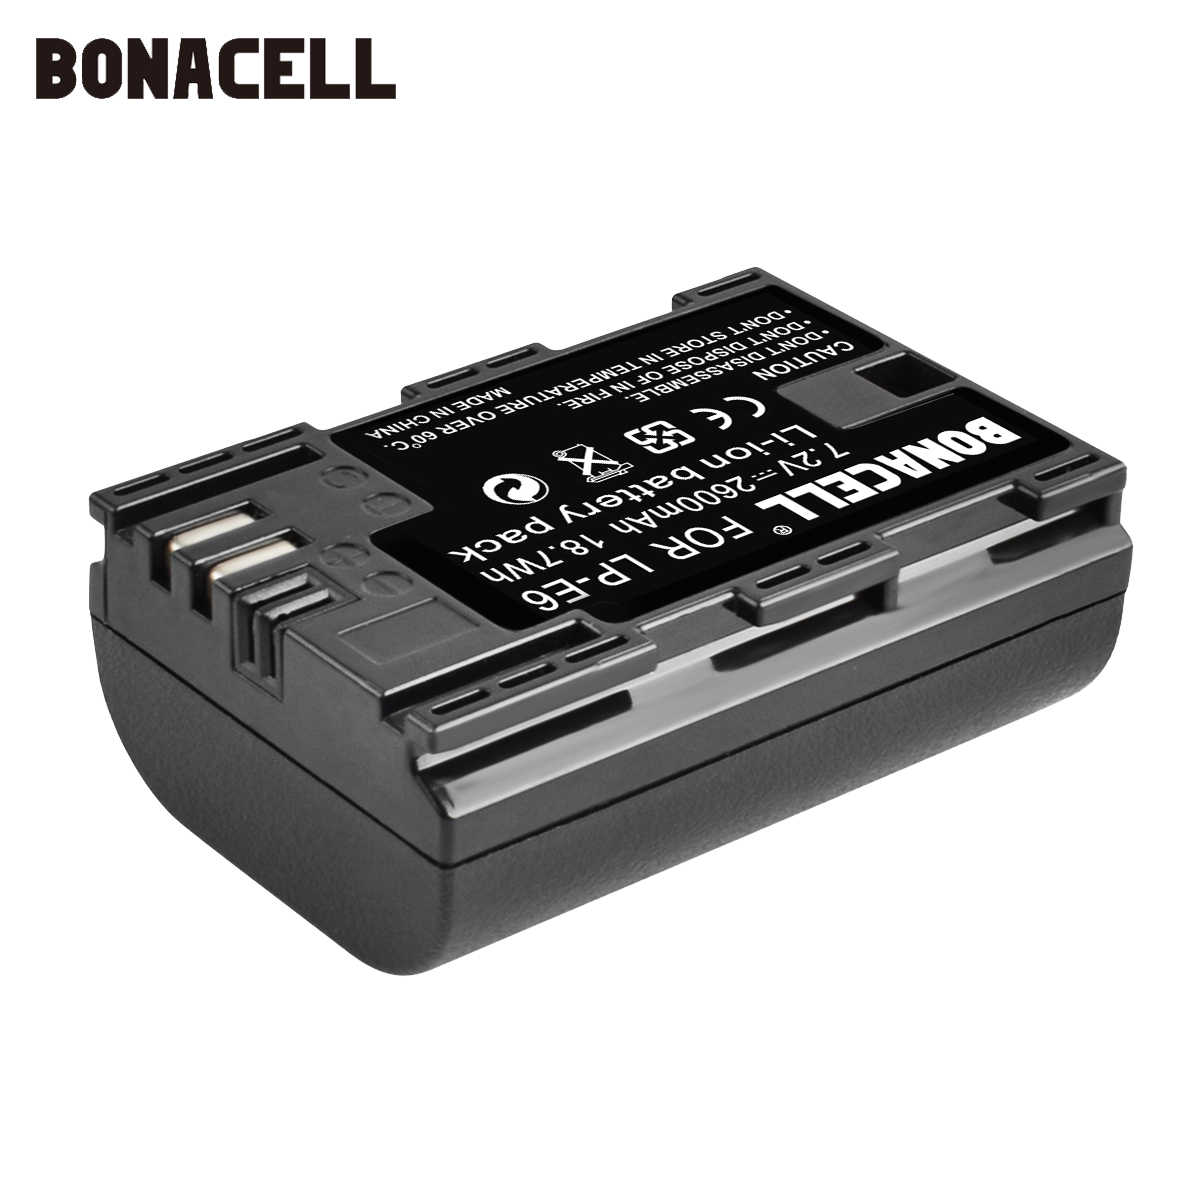 Bonacell 2600mAh LP-E6 batería para cámara digital para Canon EOS 5D Mark II 2 III 3 6D 7D 60D 60Da 70D 80D DSLR EOS 5DS lp e6 L50